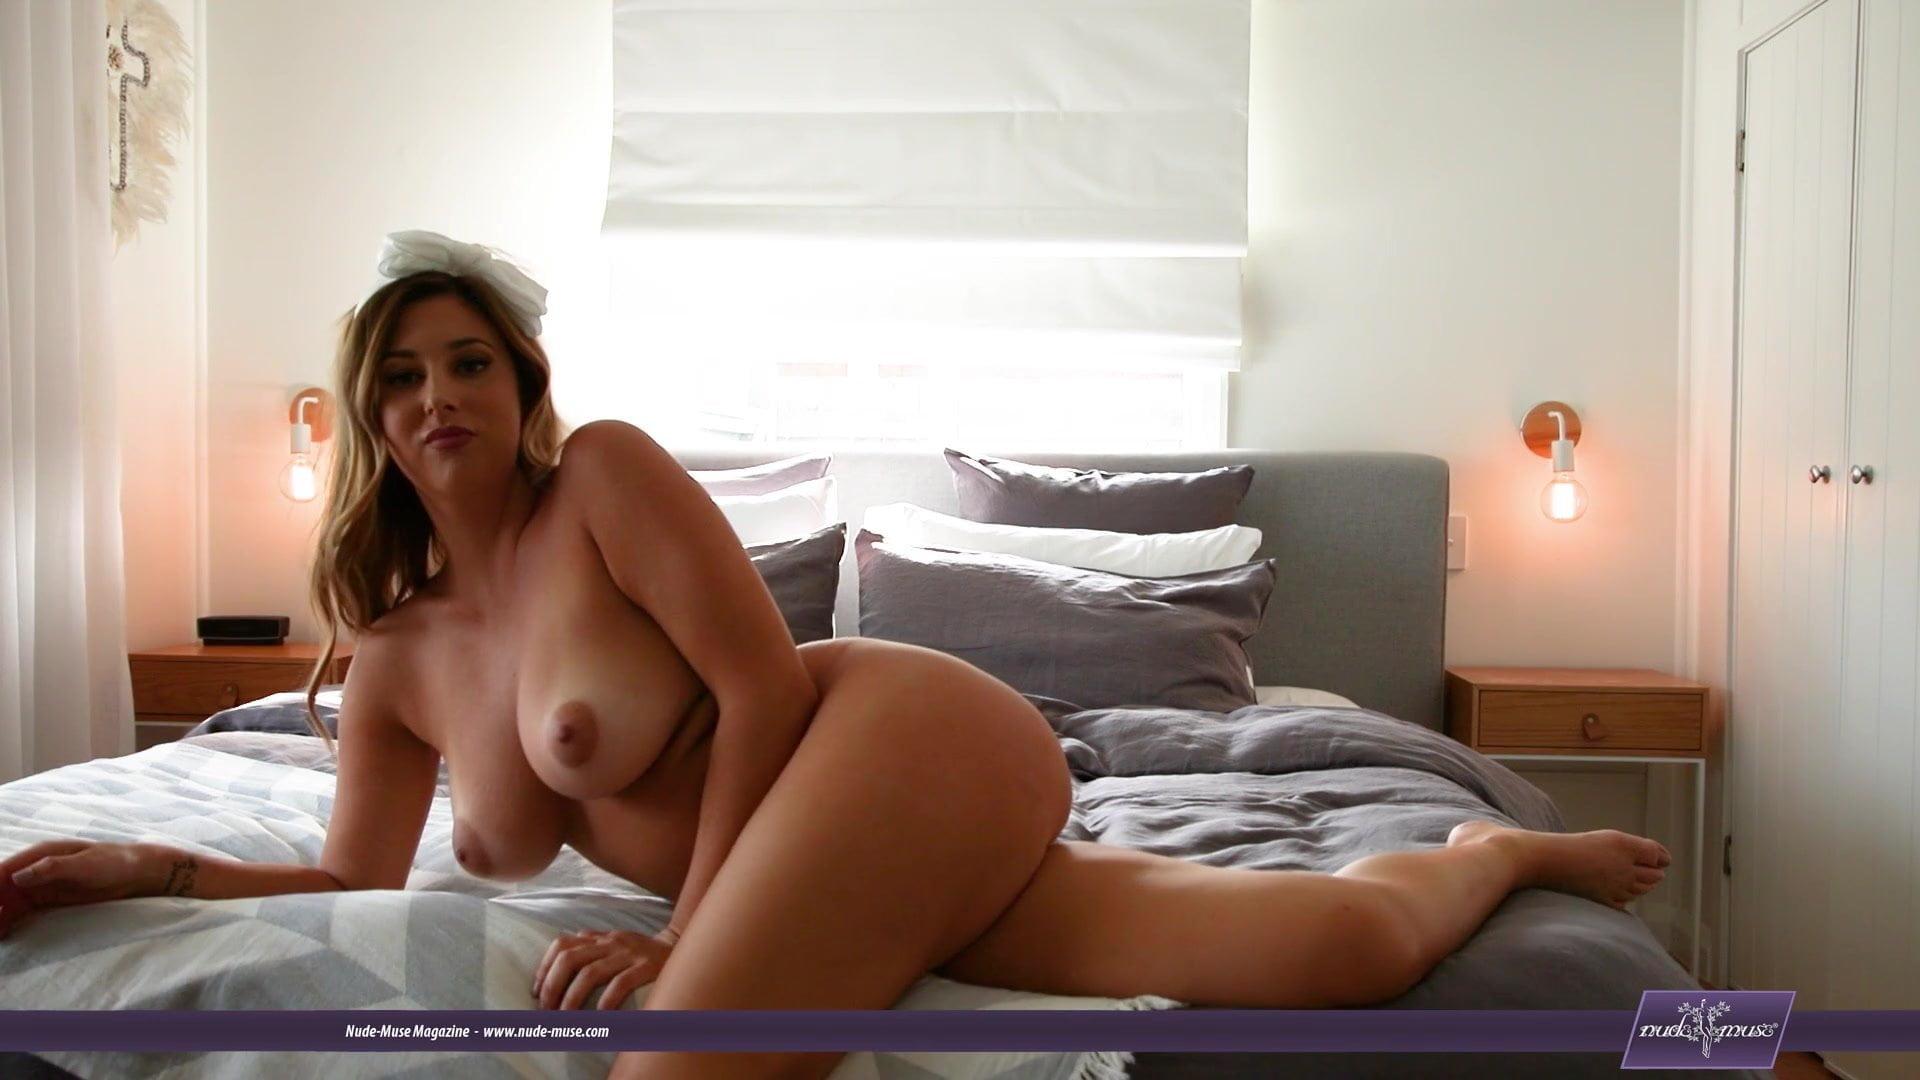 Scarlett Morgan Nude